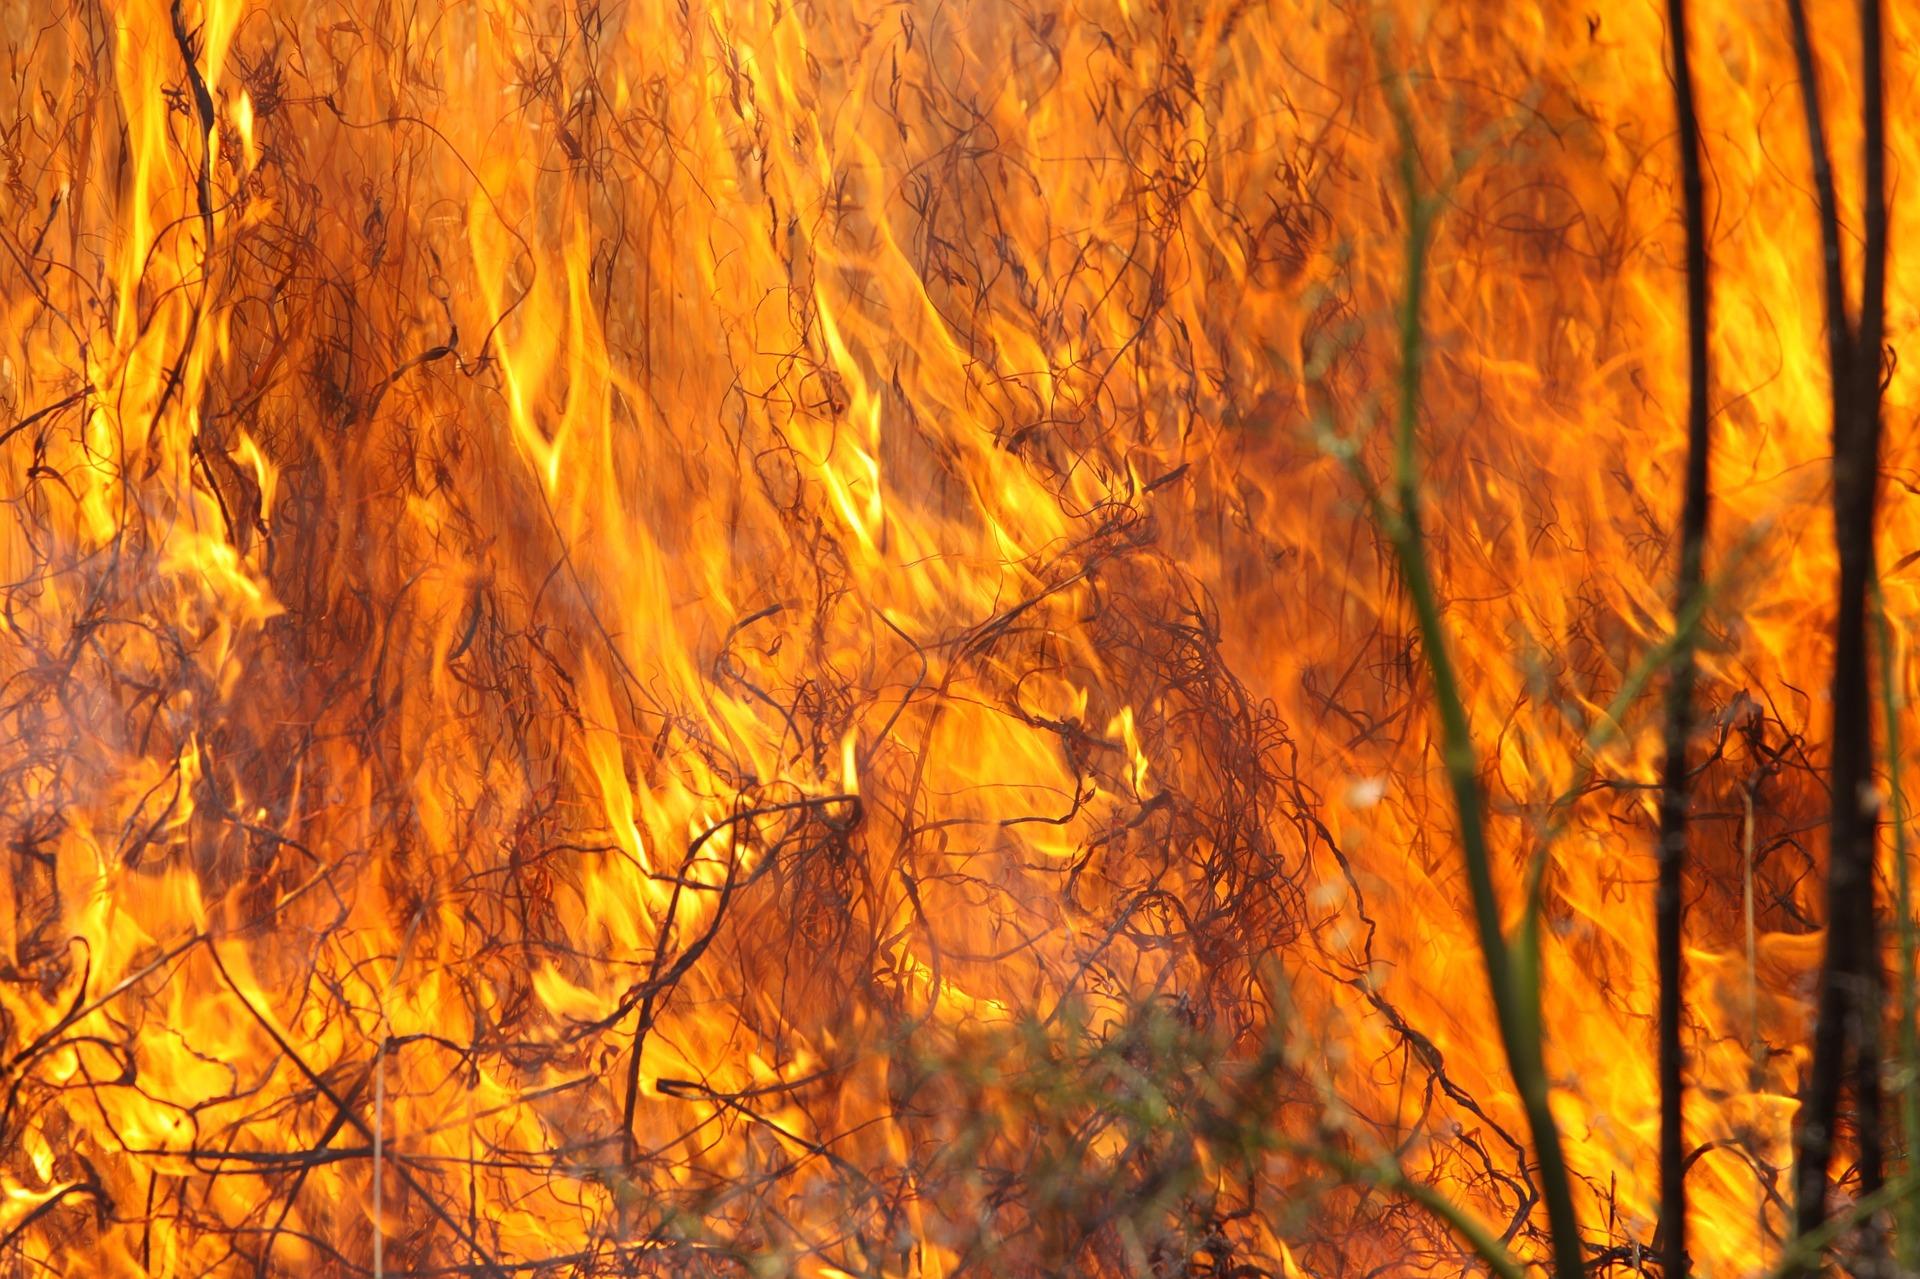 burning-grass-1165823_1920